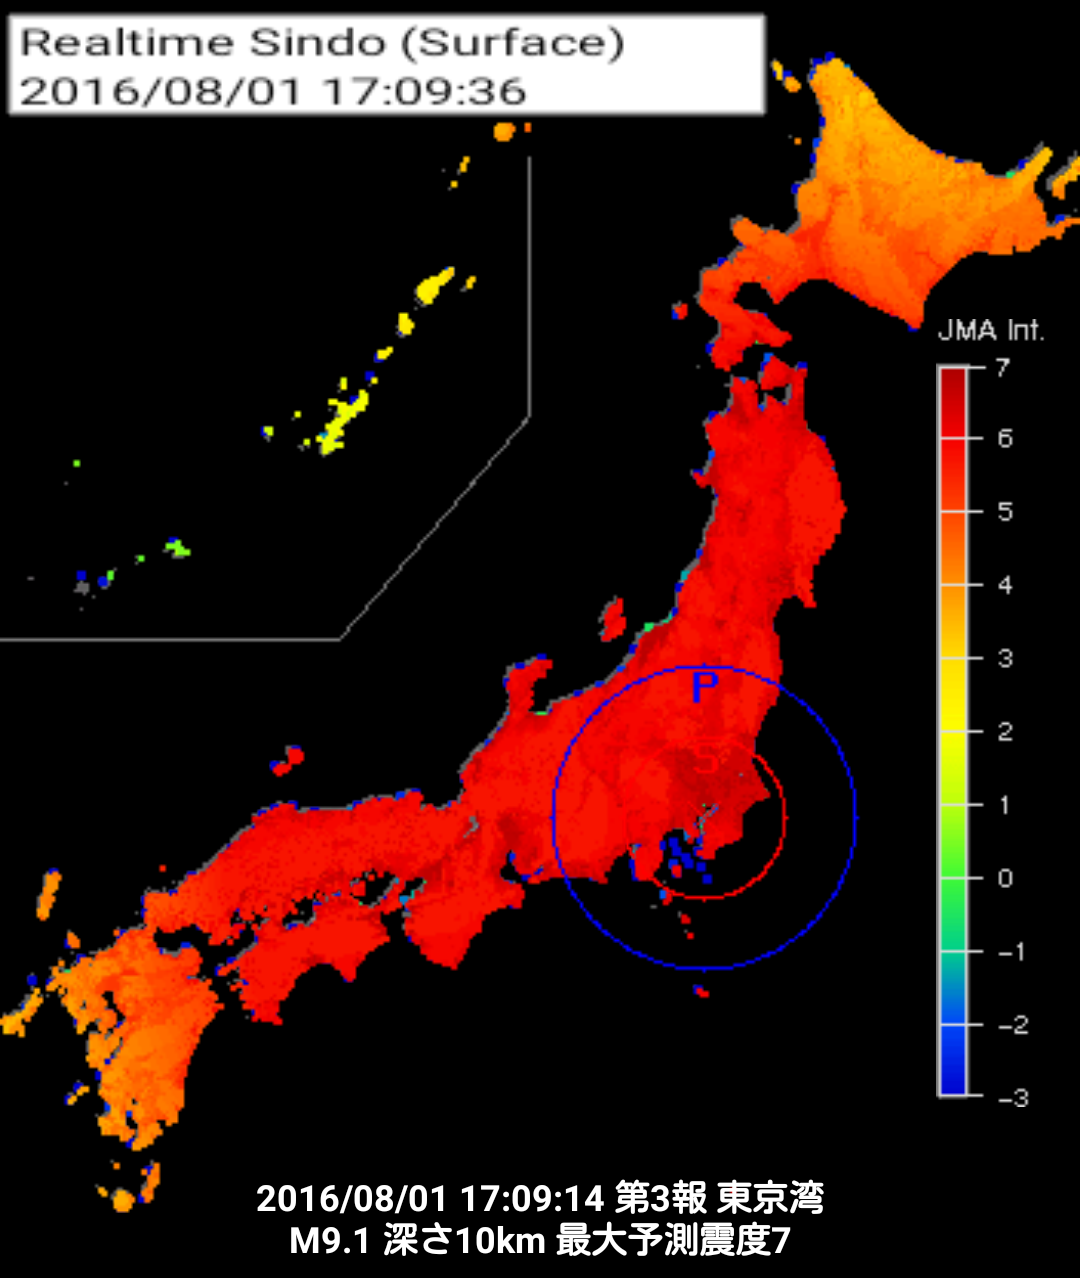 東京湾で最大震度7 M9.1の地震との緊急地震速報が配信される 誤報か?